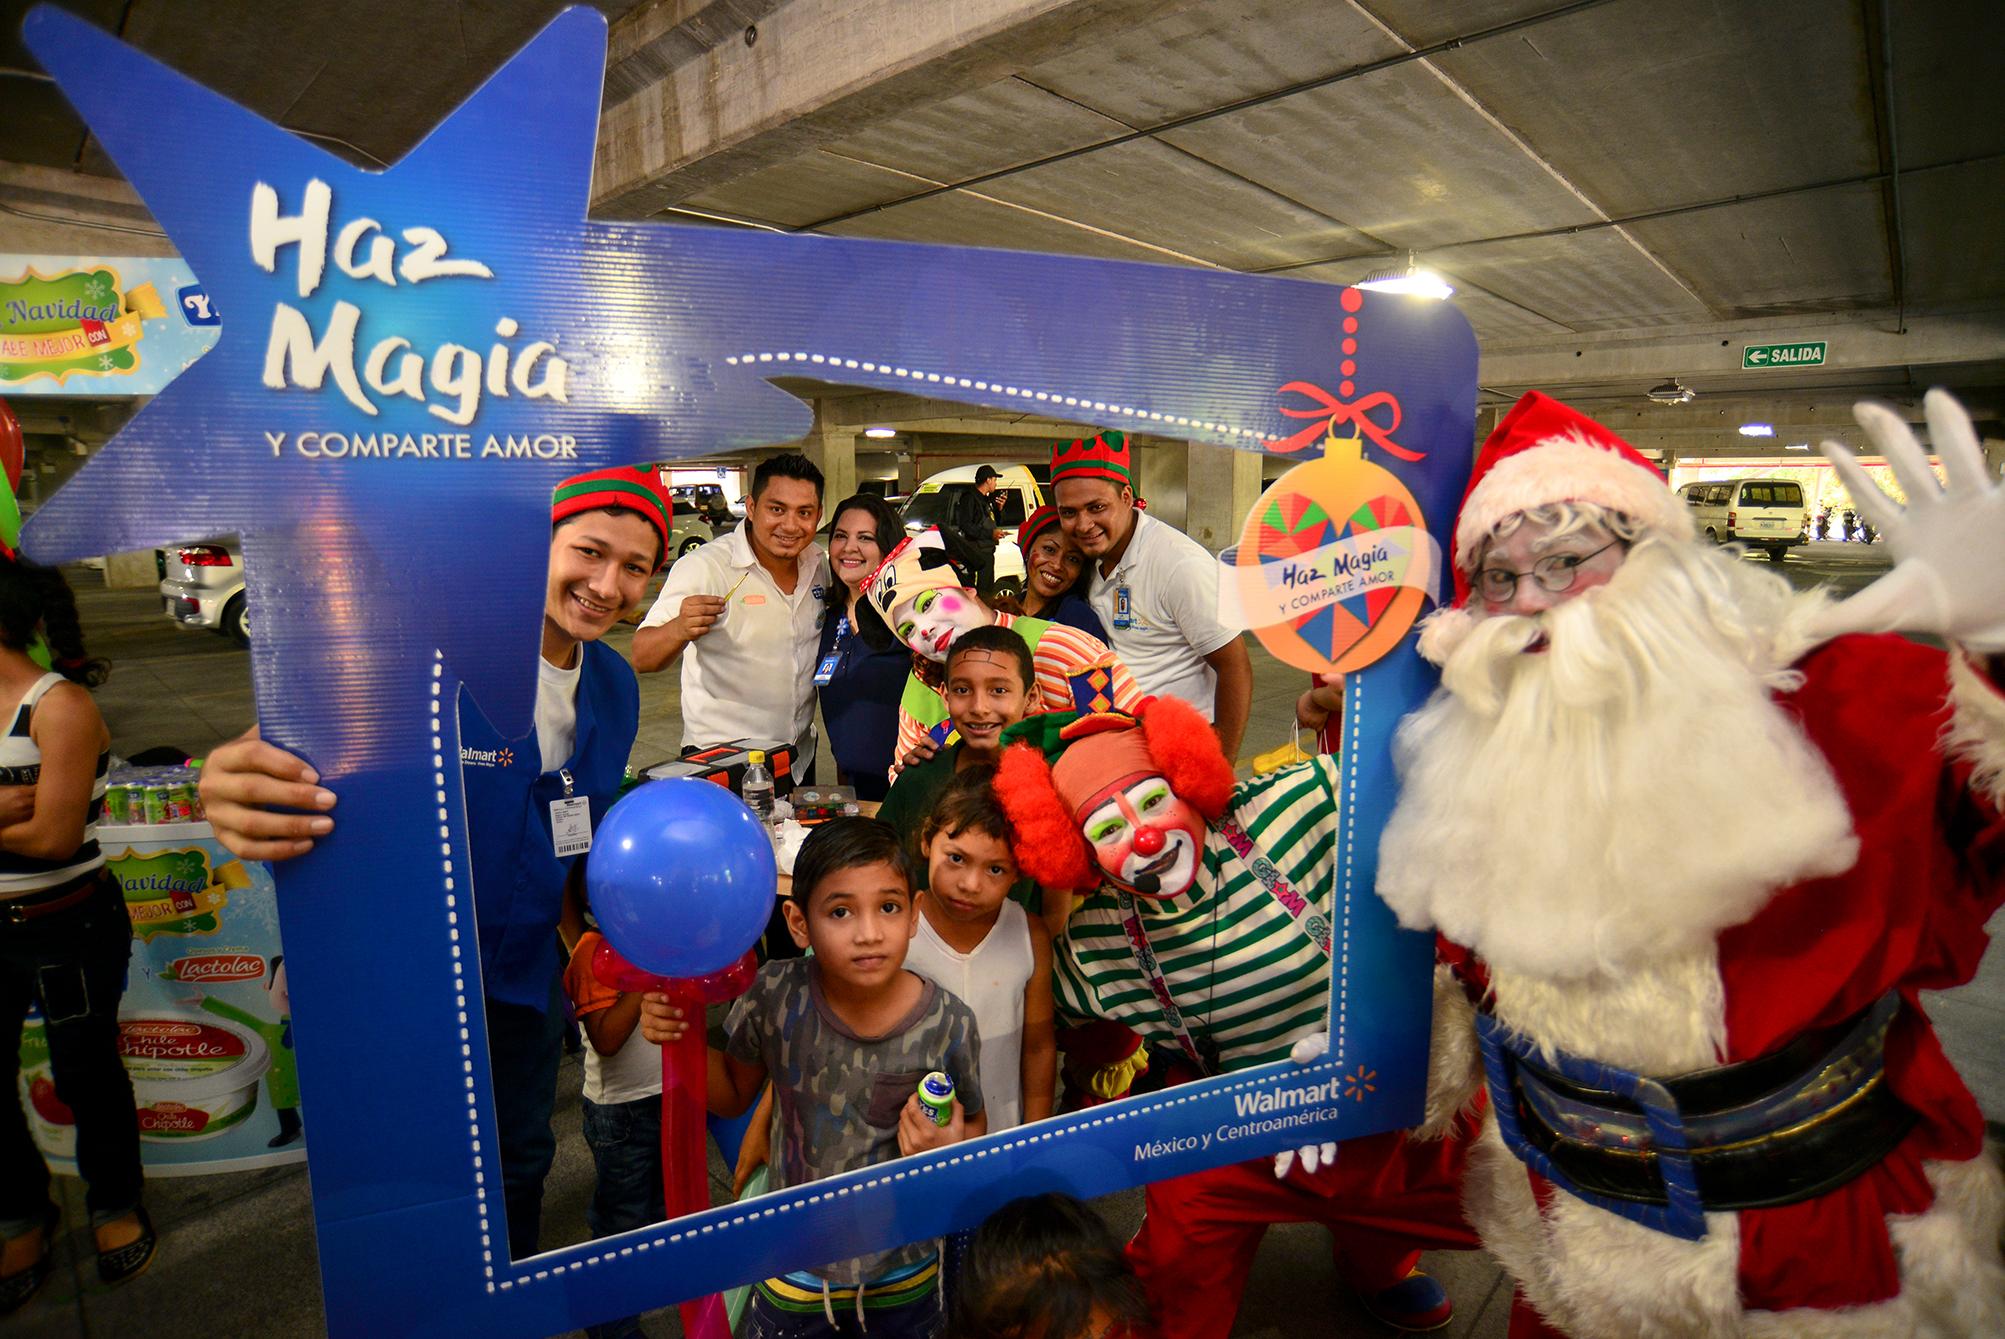 Celebramos en Nicaragua la quinta edición de nuestro programa Haz Magia para compartir amor en Navidad 3